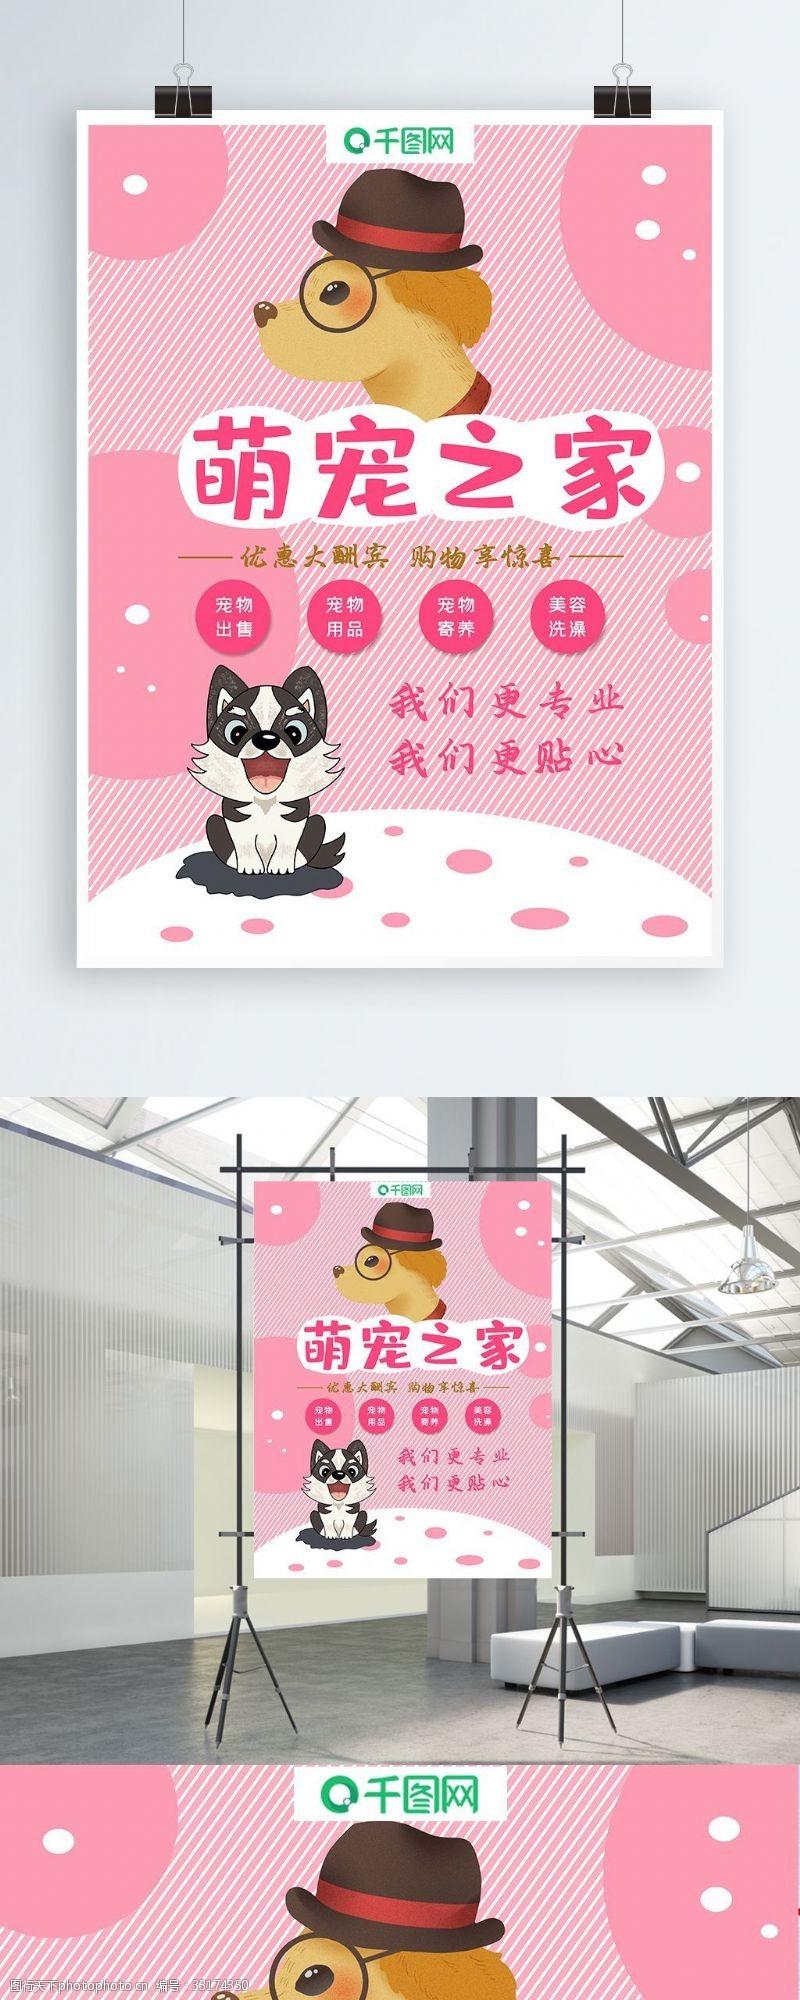 眼镜狗粉色可爱活泼宠物促销海报